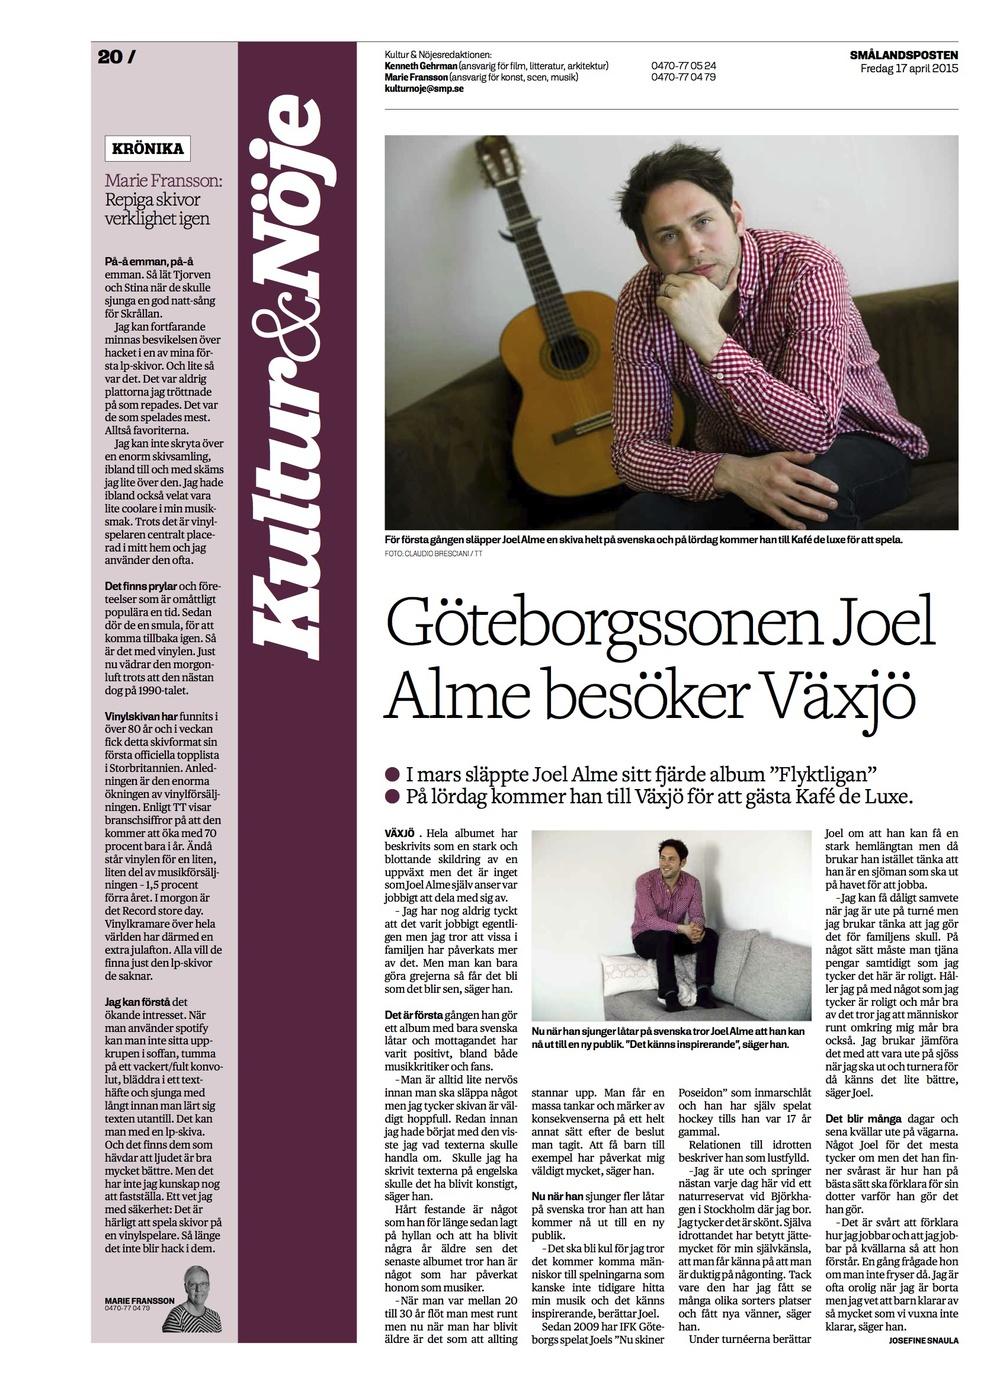 Joel Alme i Smålandsposten.jpg